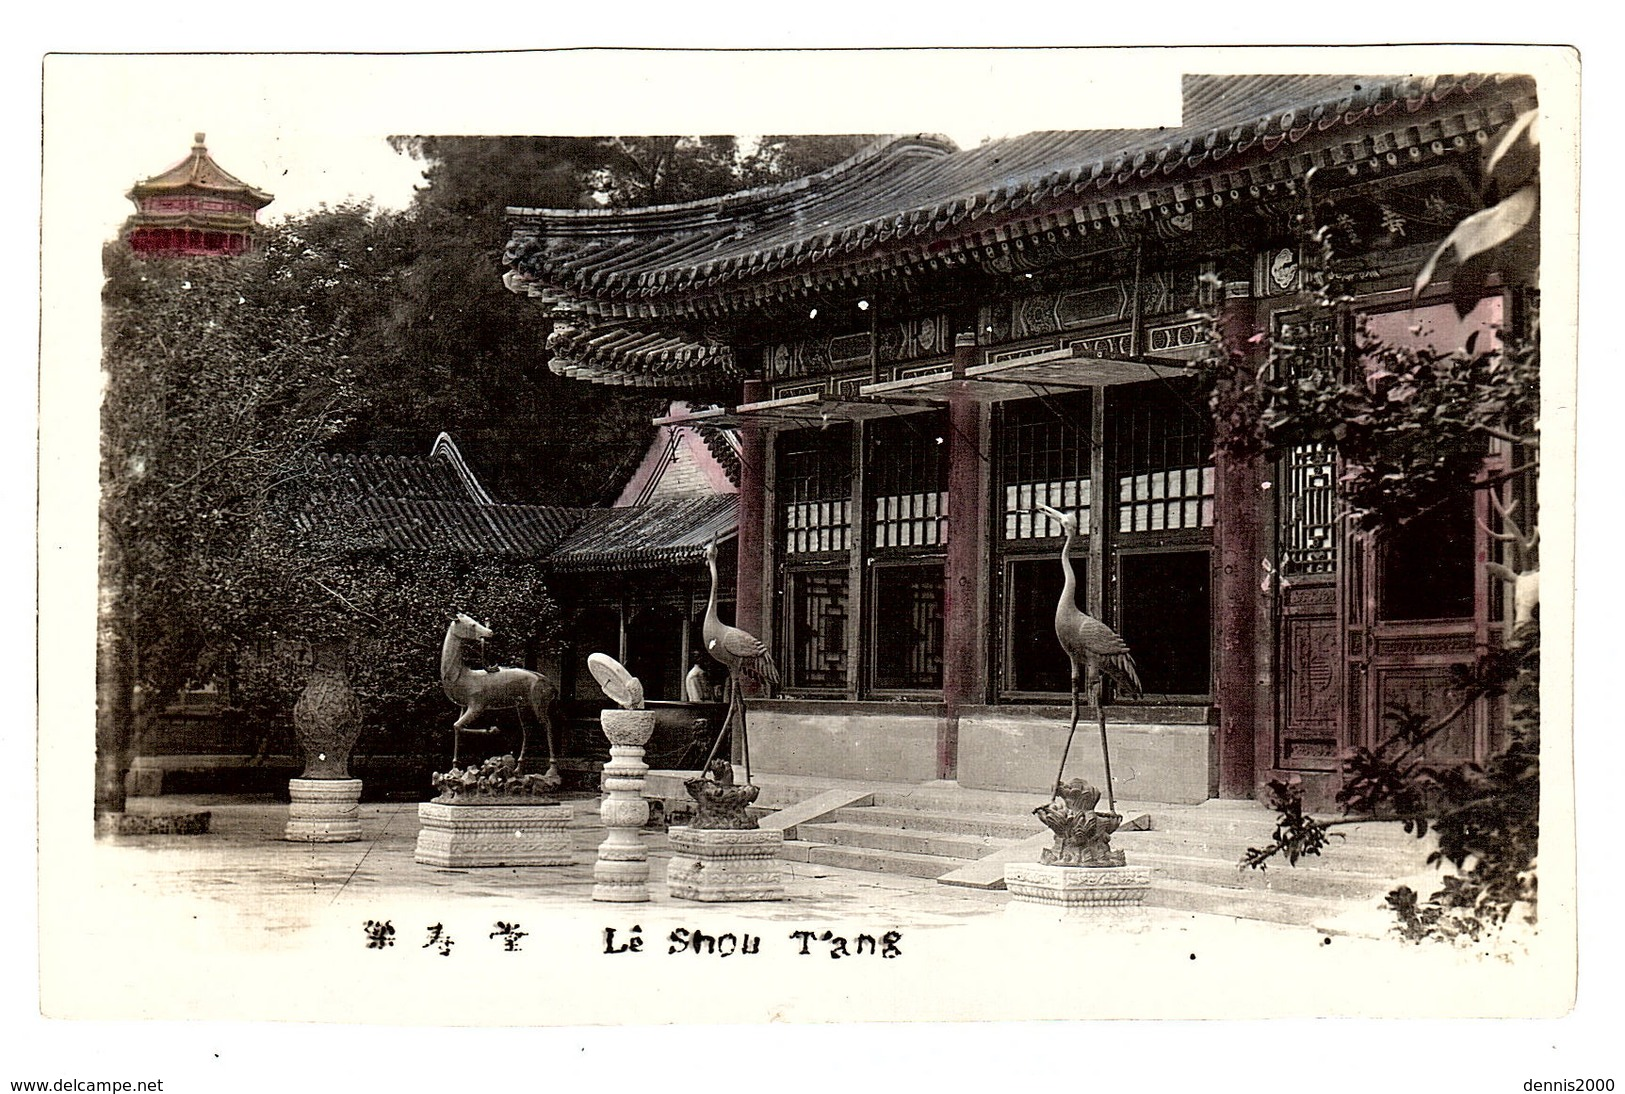 CHINE - PHOTO - Lê Shou T'ang - Chine